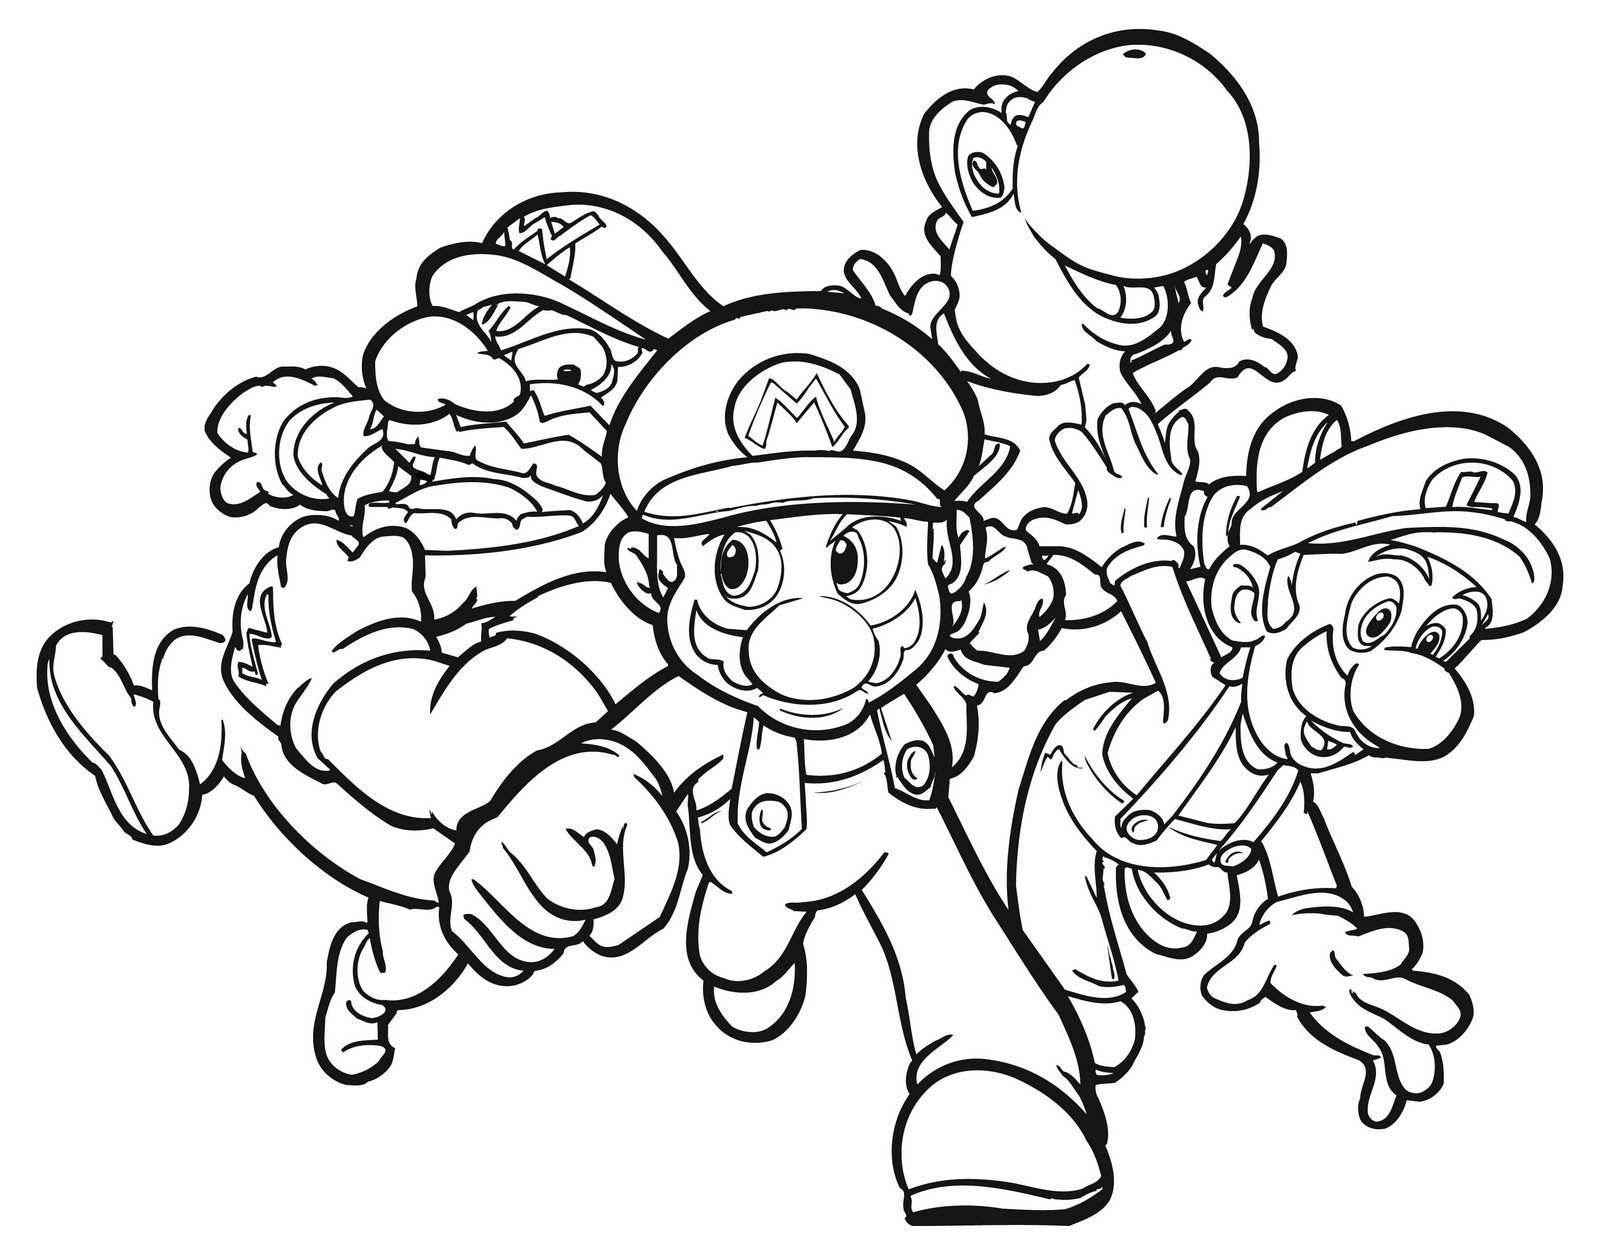 Group Mario Coloring Pages Mario Bros Games Mario Bros Coloring Home Cartoon Coloring Pages Disney Coloring Pages Mario Coloring Pages